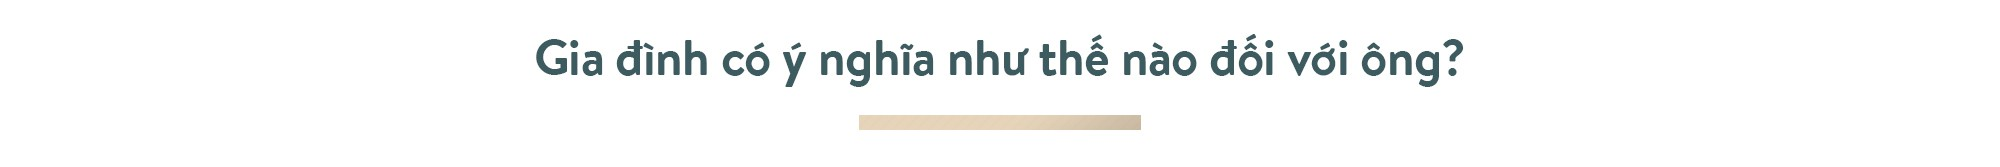 Ông Phạm Nhật Vượng: Thế giới phải biết Việt Nam trí tuệ, đẳng cấp - Ảnh 28.